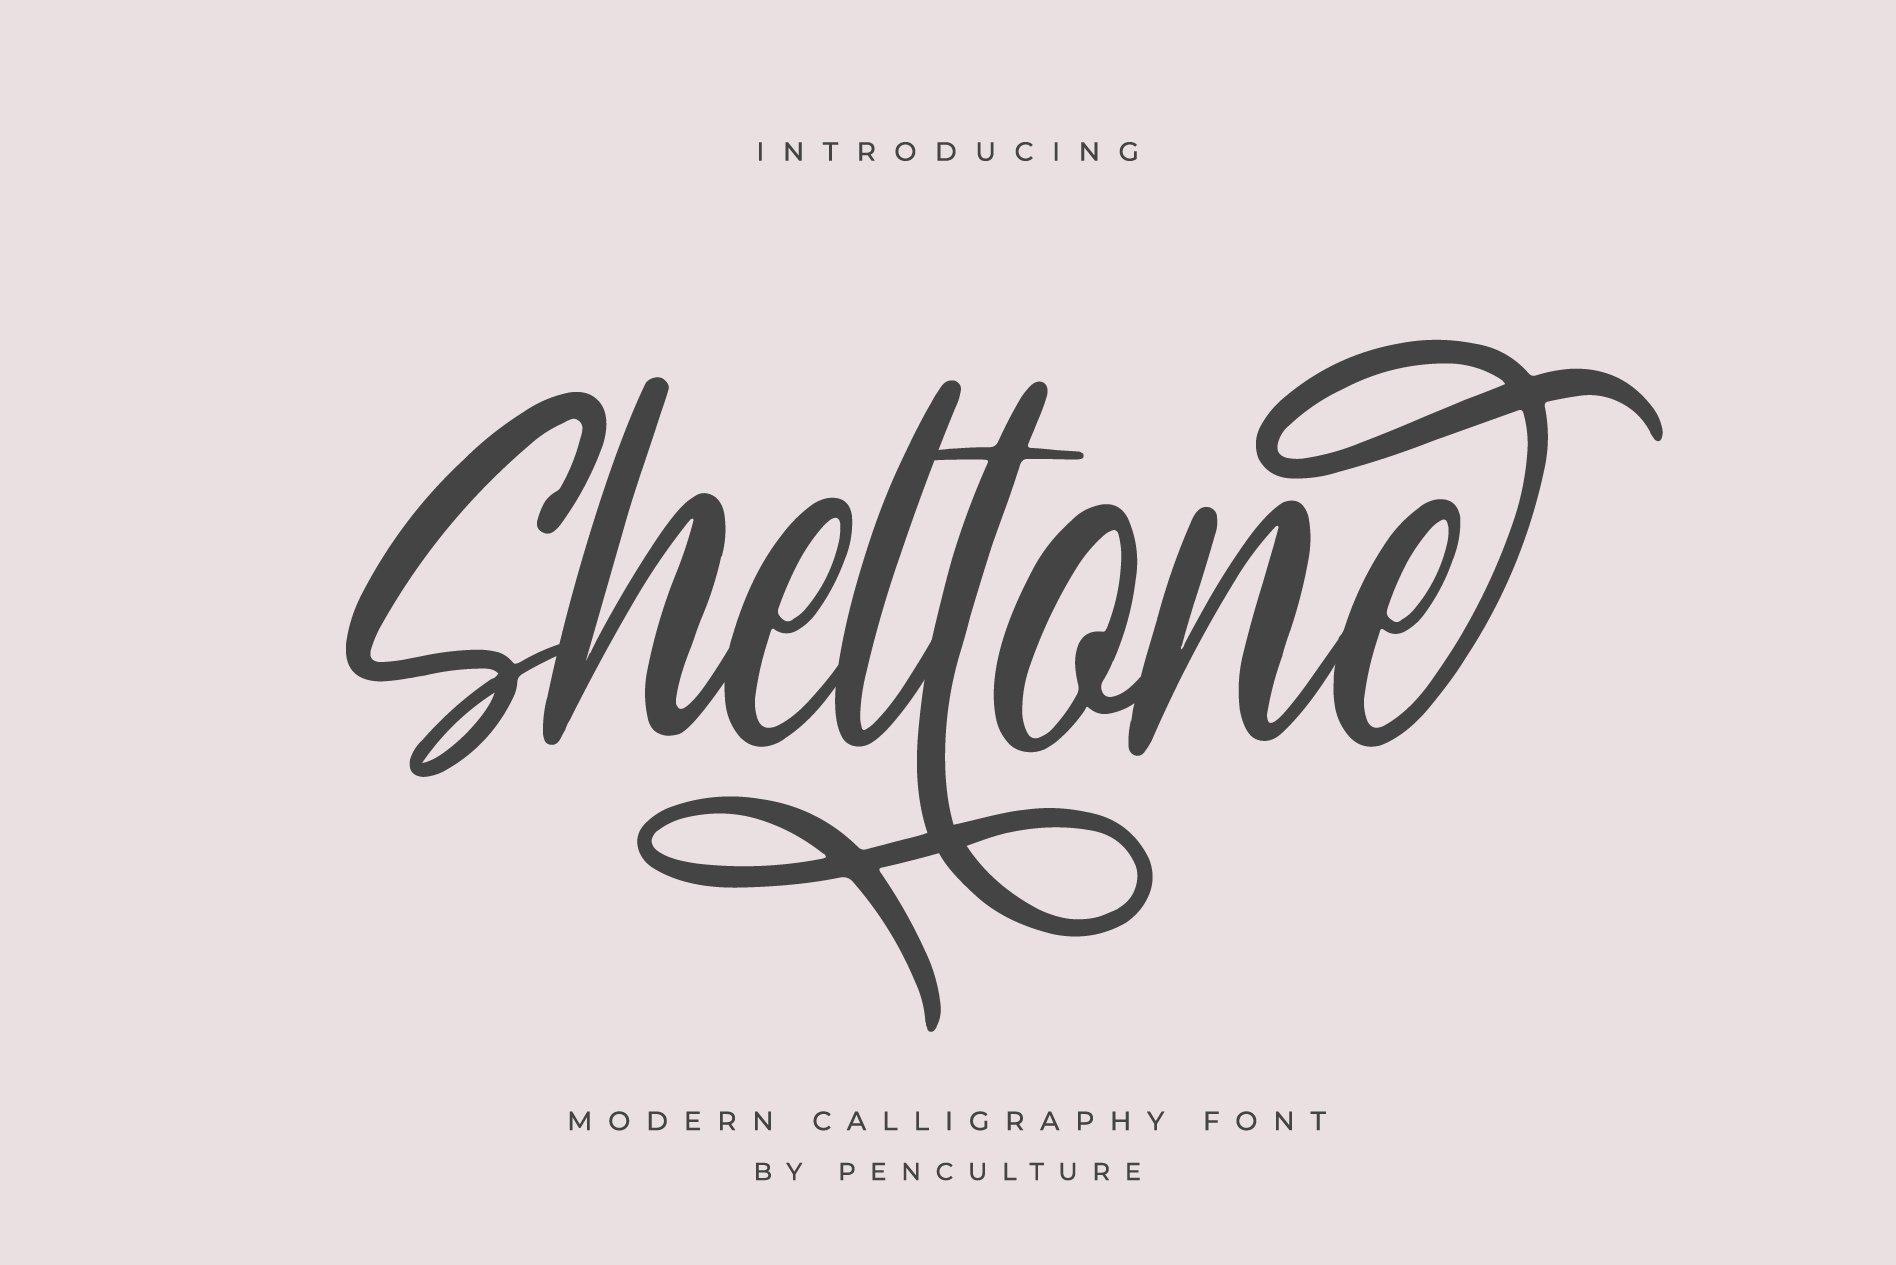 Sheltone - Modern Calligraphy Font example image 1